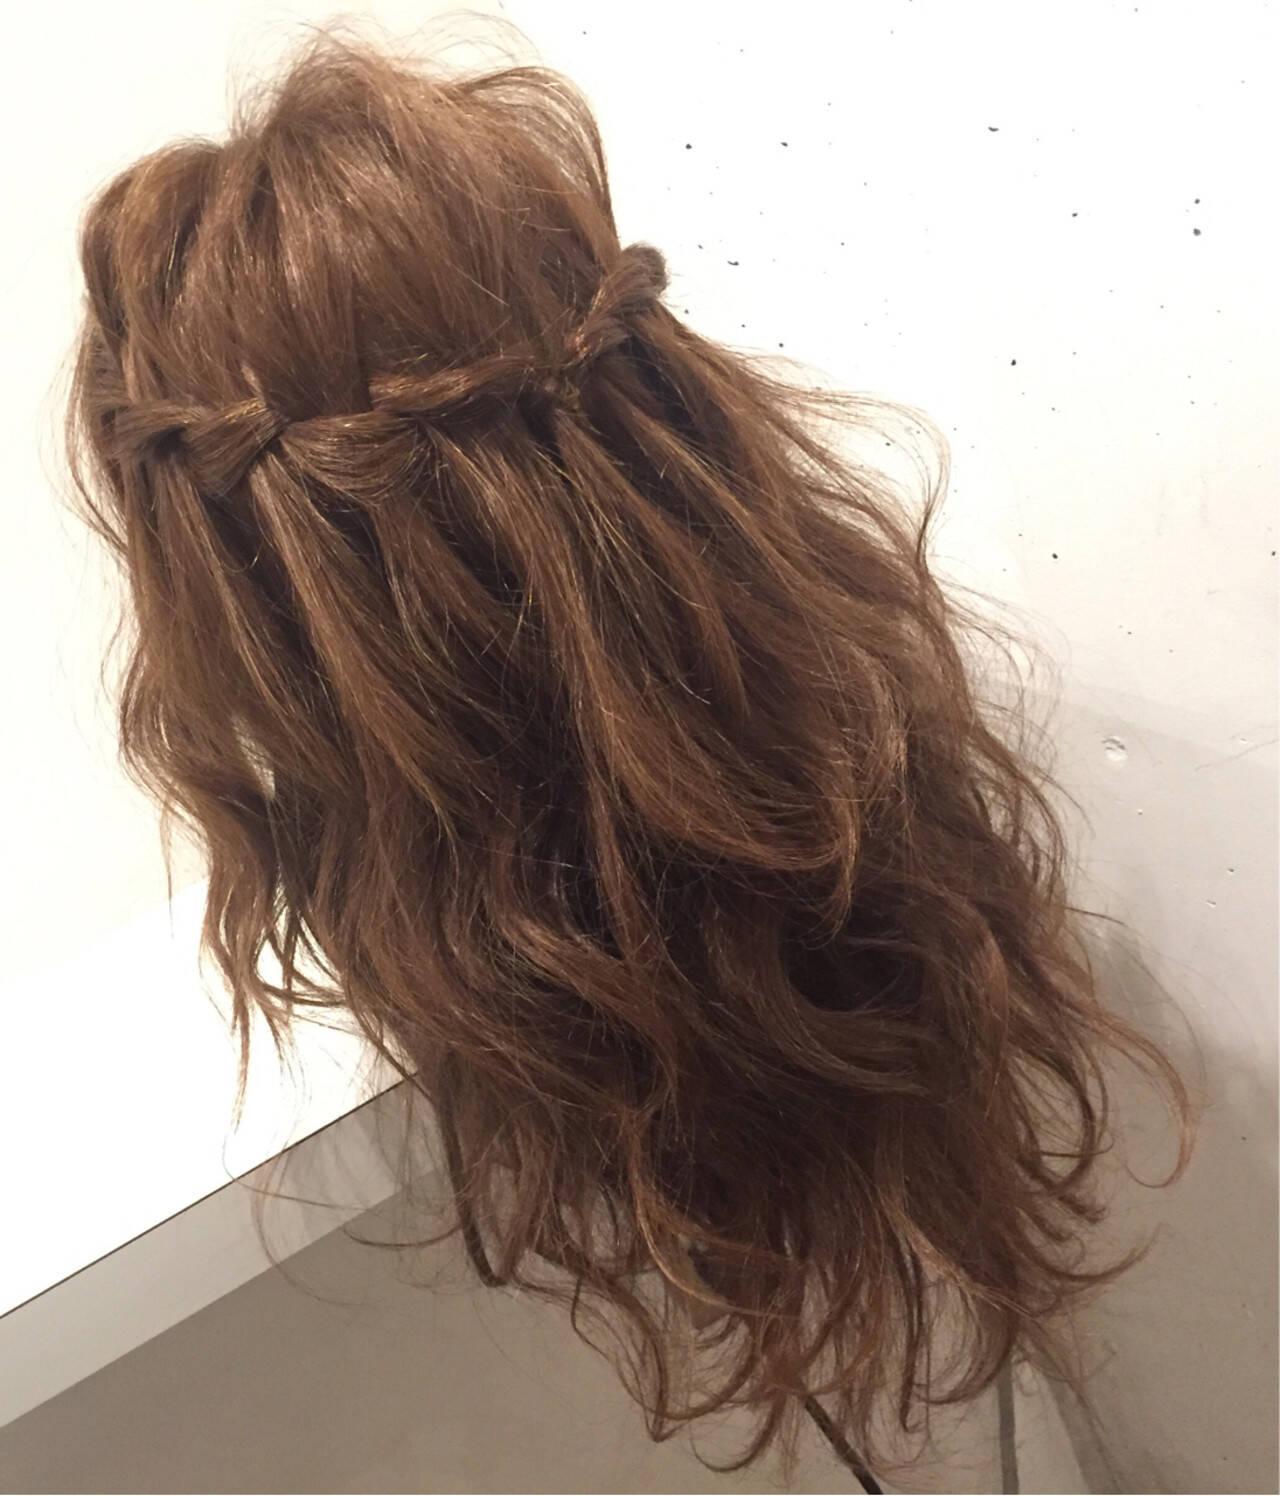 セミロング 簡単ヘアアレンジ 編み込み フェミニンヘアスタイルや髪型の写真・画像